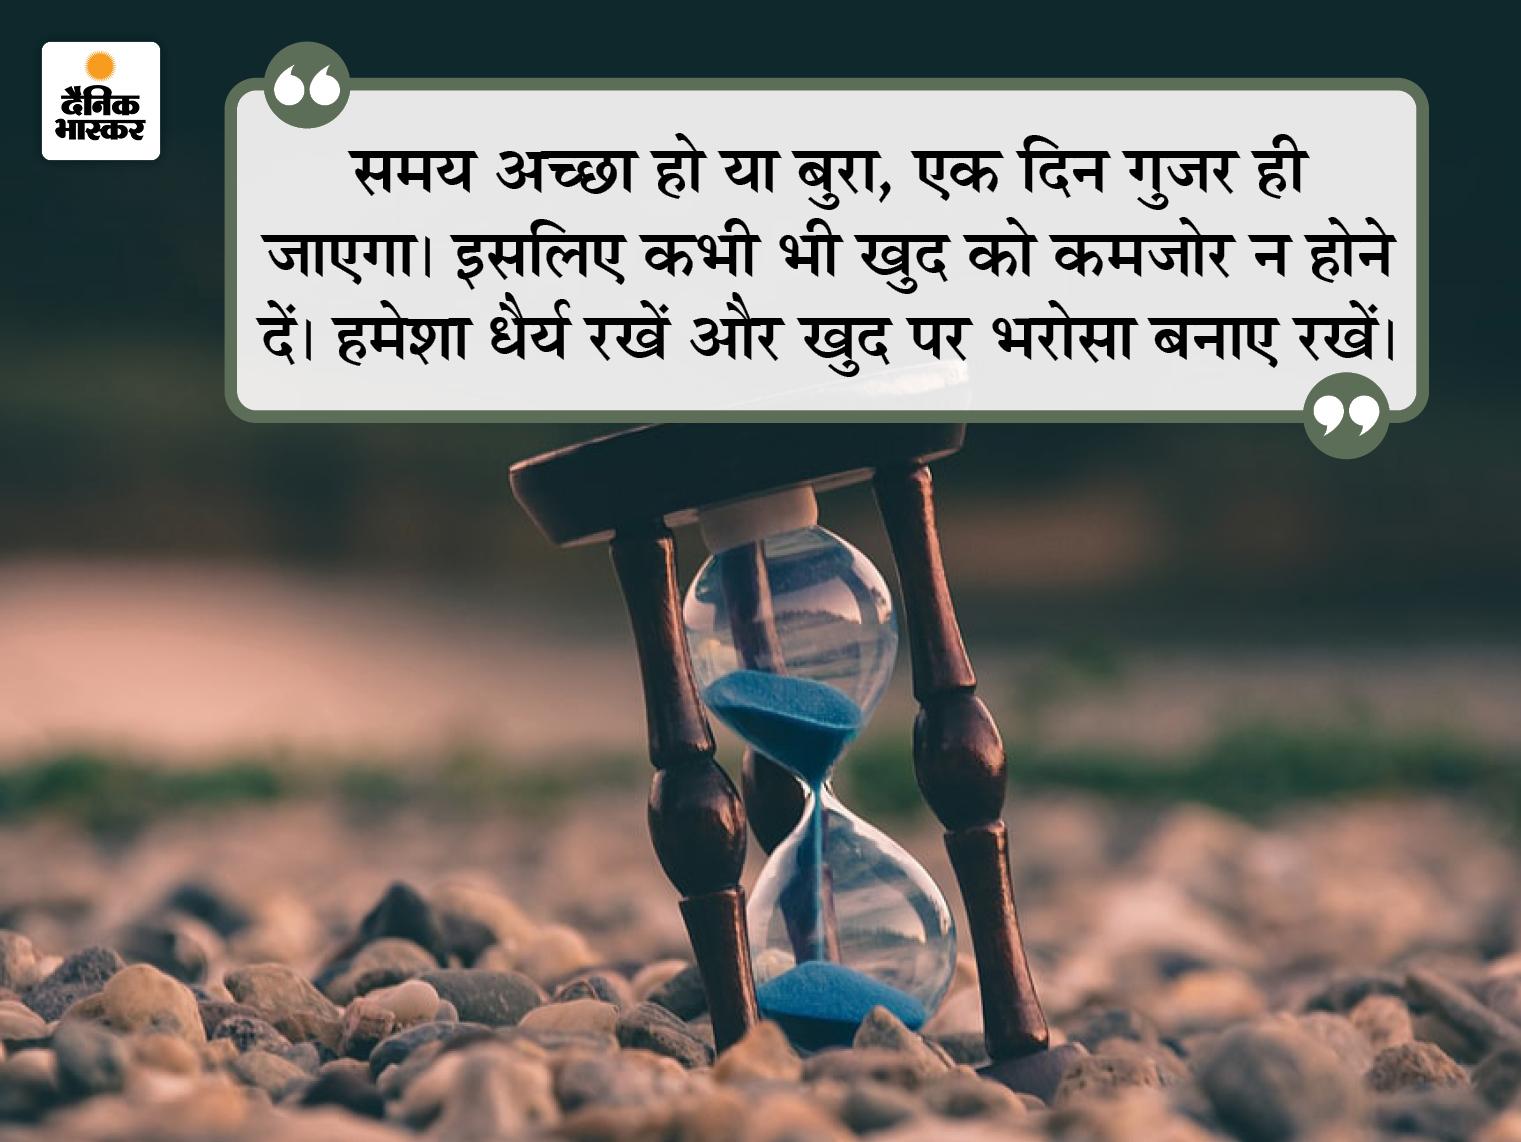 उन लोगों को धन्यवाद देना चाहिए जो हमारी गलतियां बताते हैं और हमें सुधरने के लिए प्रेरित करते हैं|धर्म,Dharm - Dainik Bhaskar